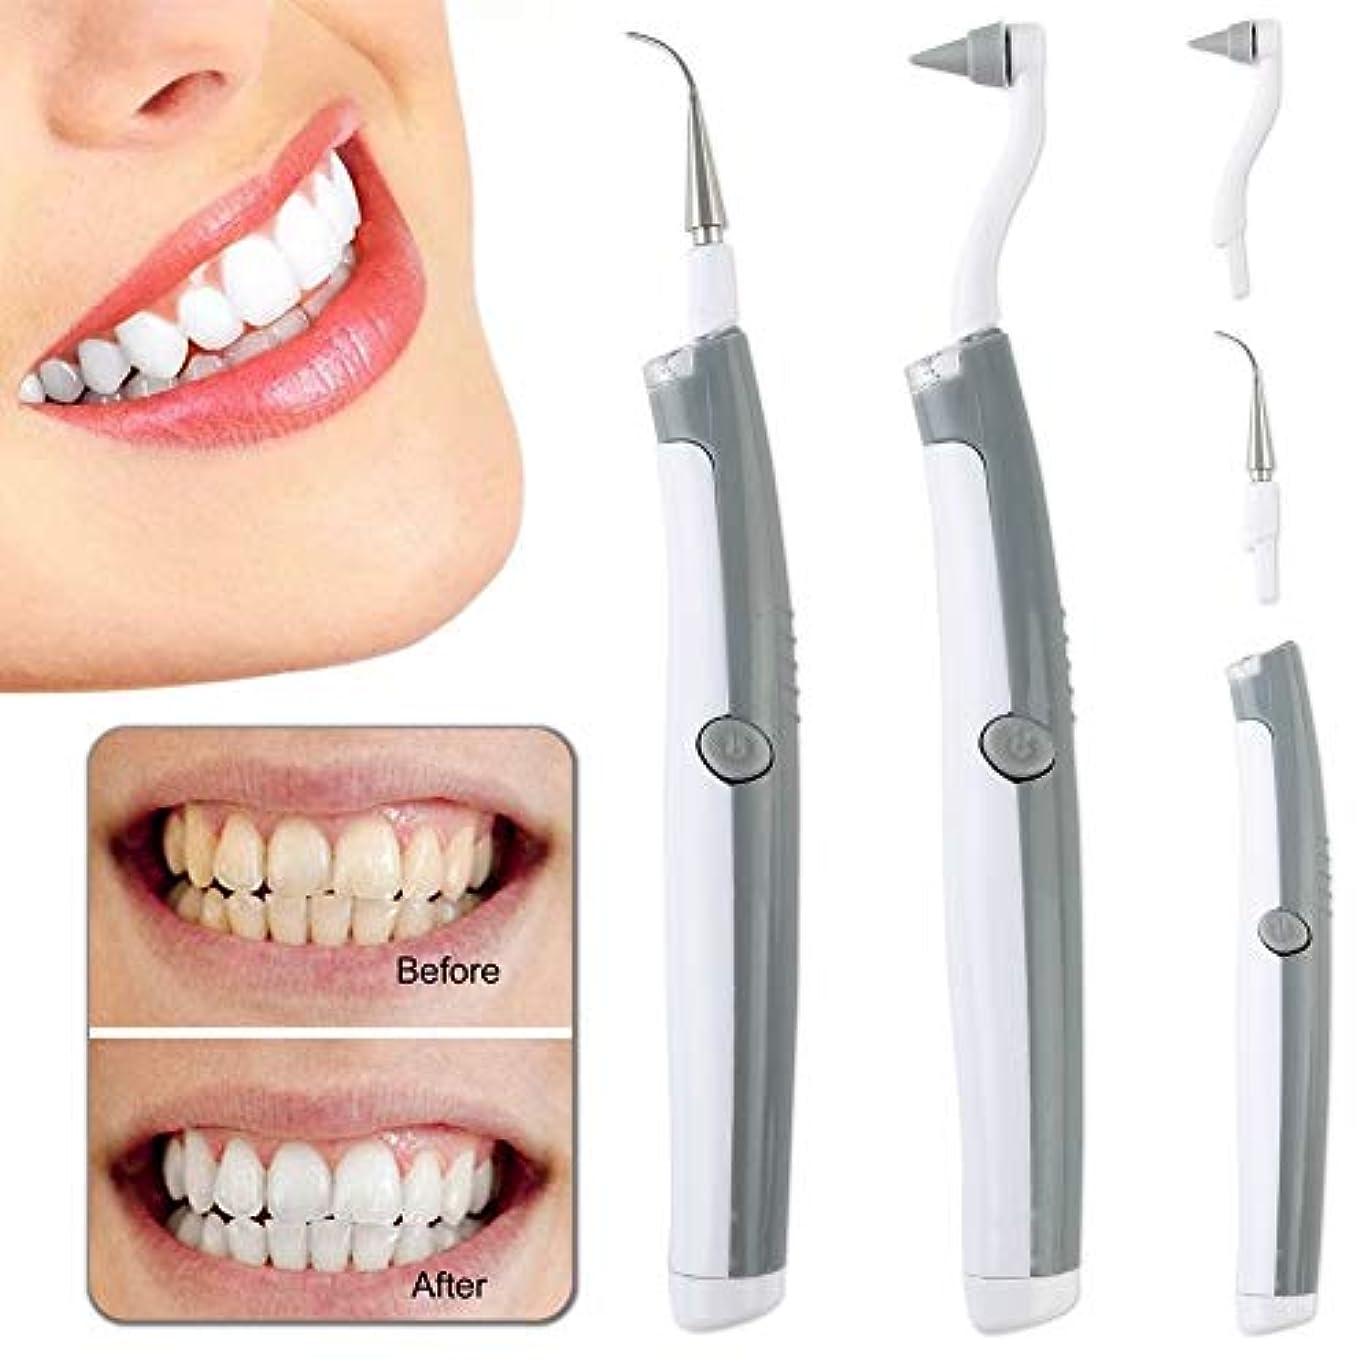 飾る傾いたくるくるSix-Bullotime 歯用ツール 電動 歯清潔 歯の消しゴム 多機能の電動のLED歯科用ツールキットオーラルケア 歯間クリーナー 歯磨き 歯石取り 口腔洗浄器 口臭防止